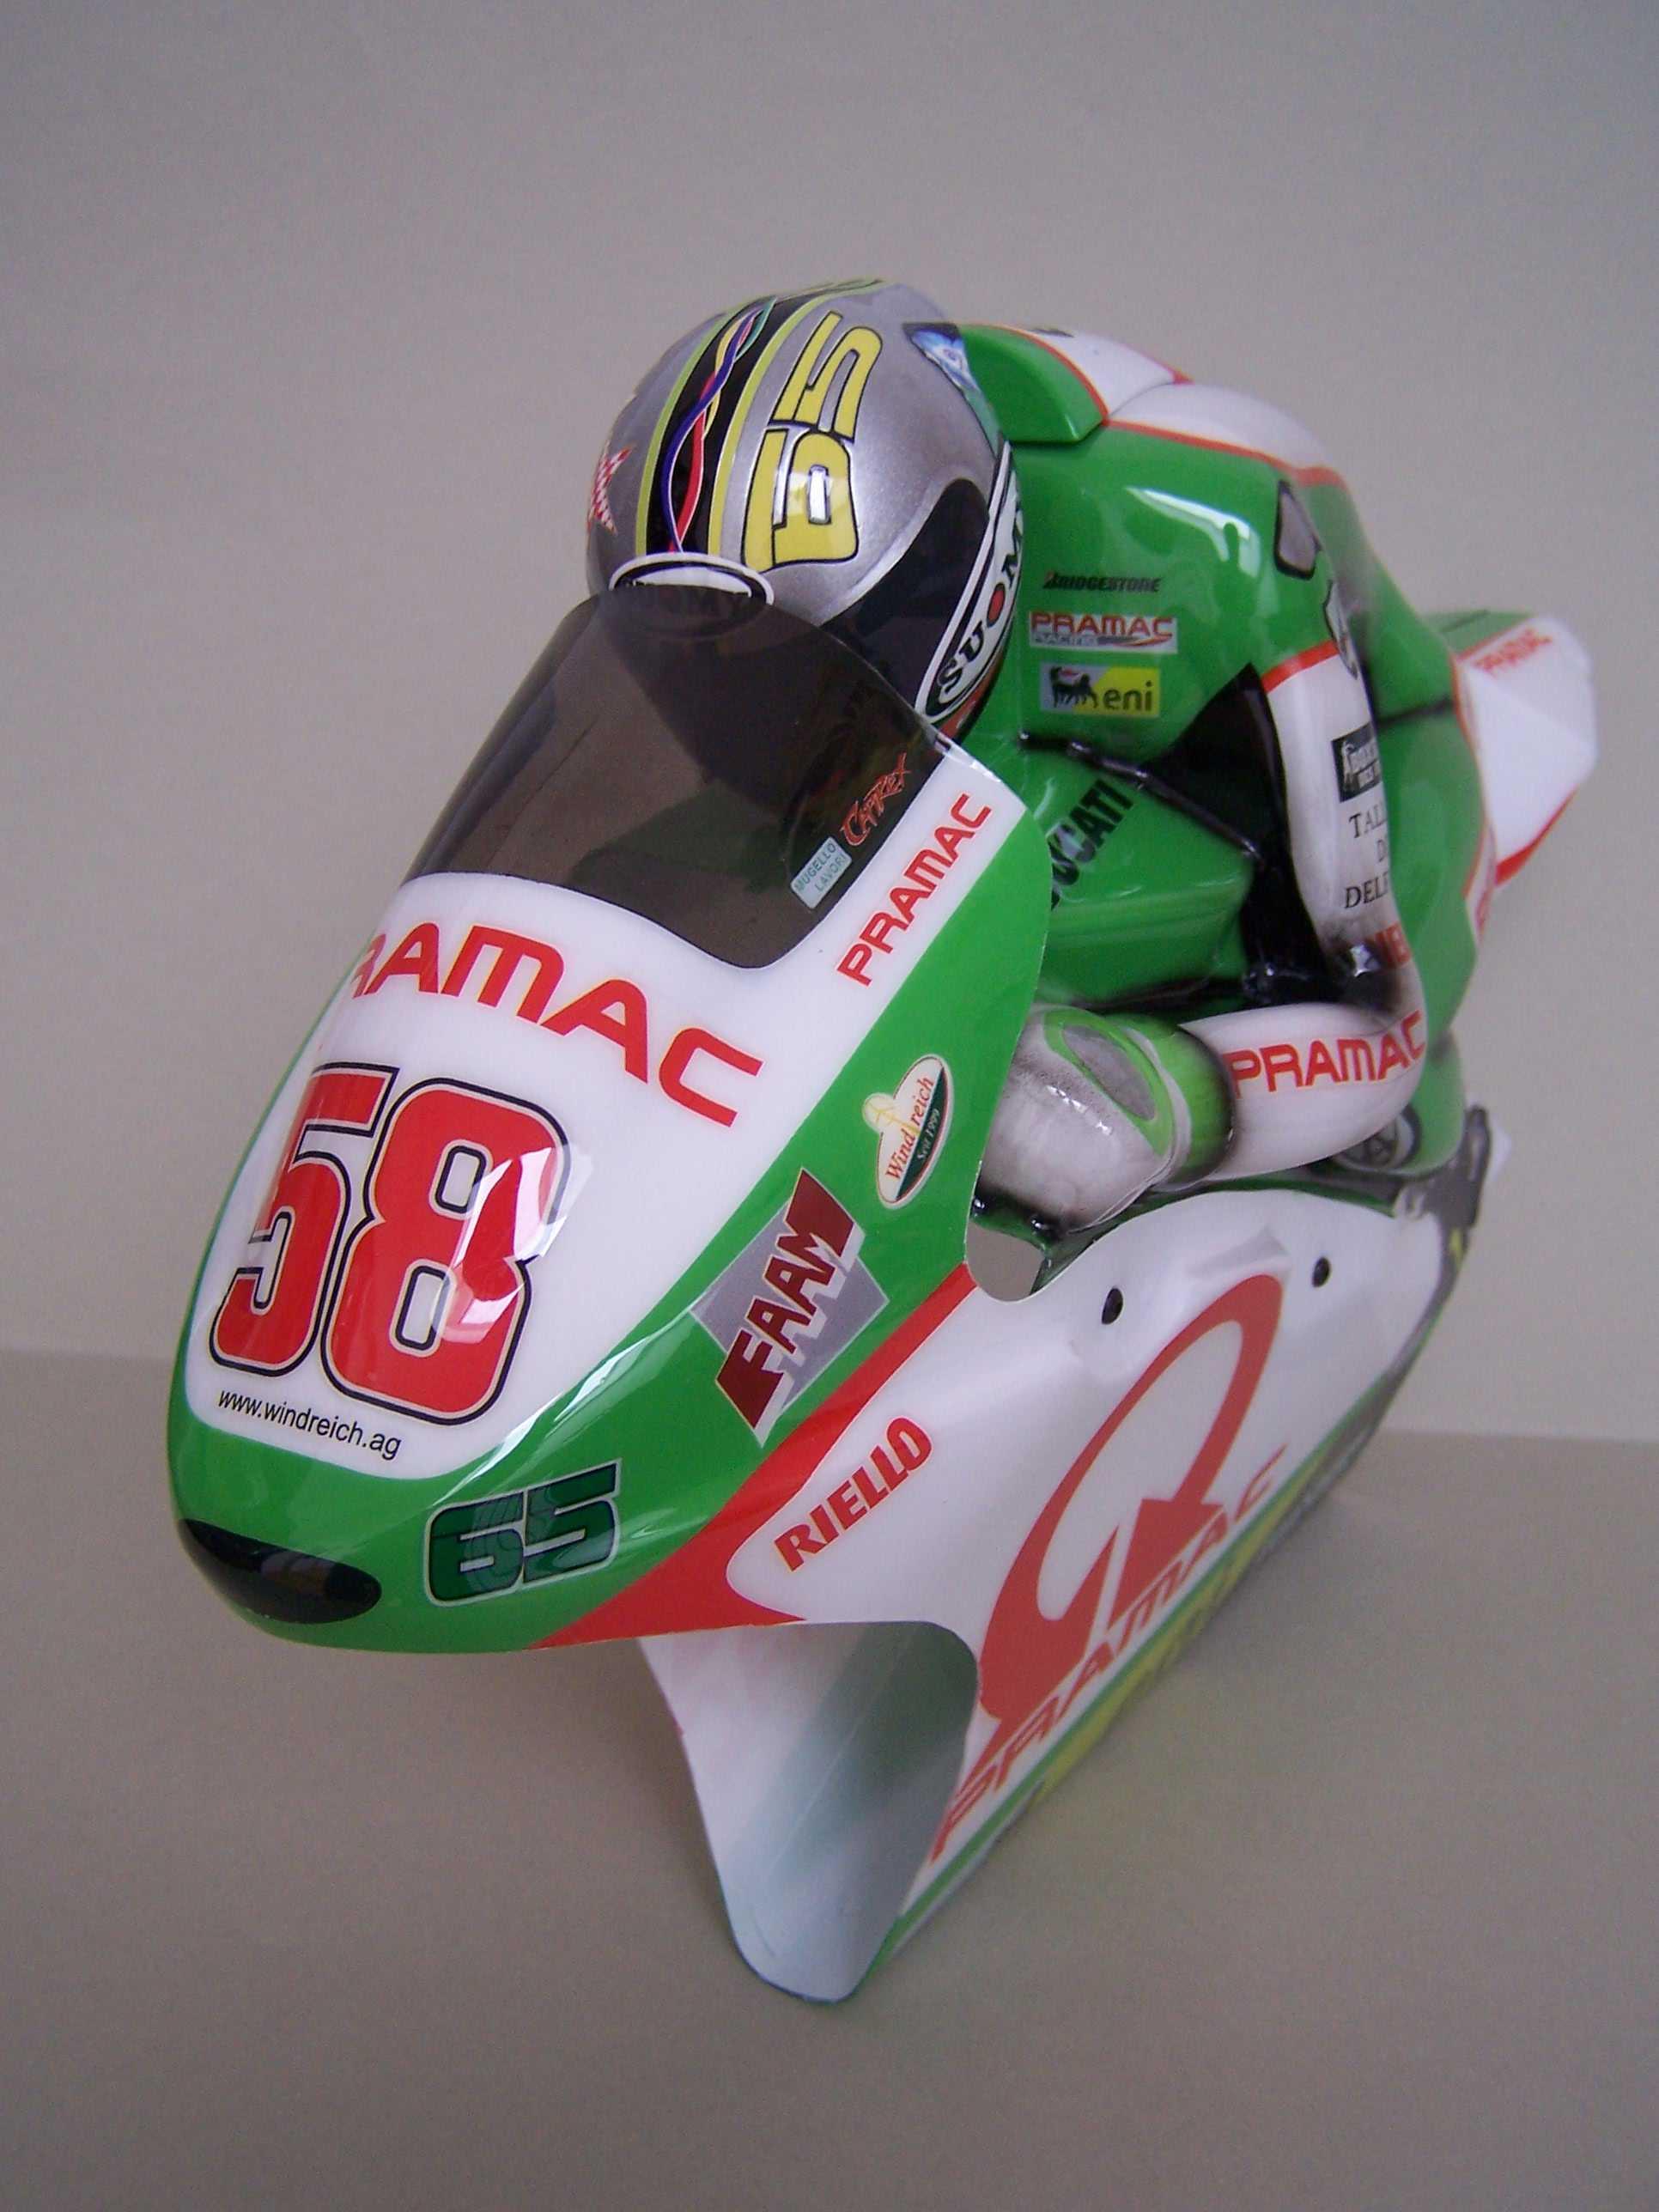 [Pramac-Ducati-5.jpg]